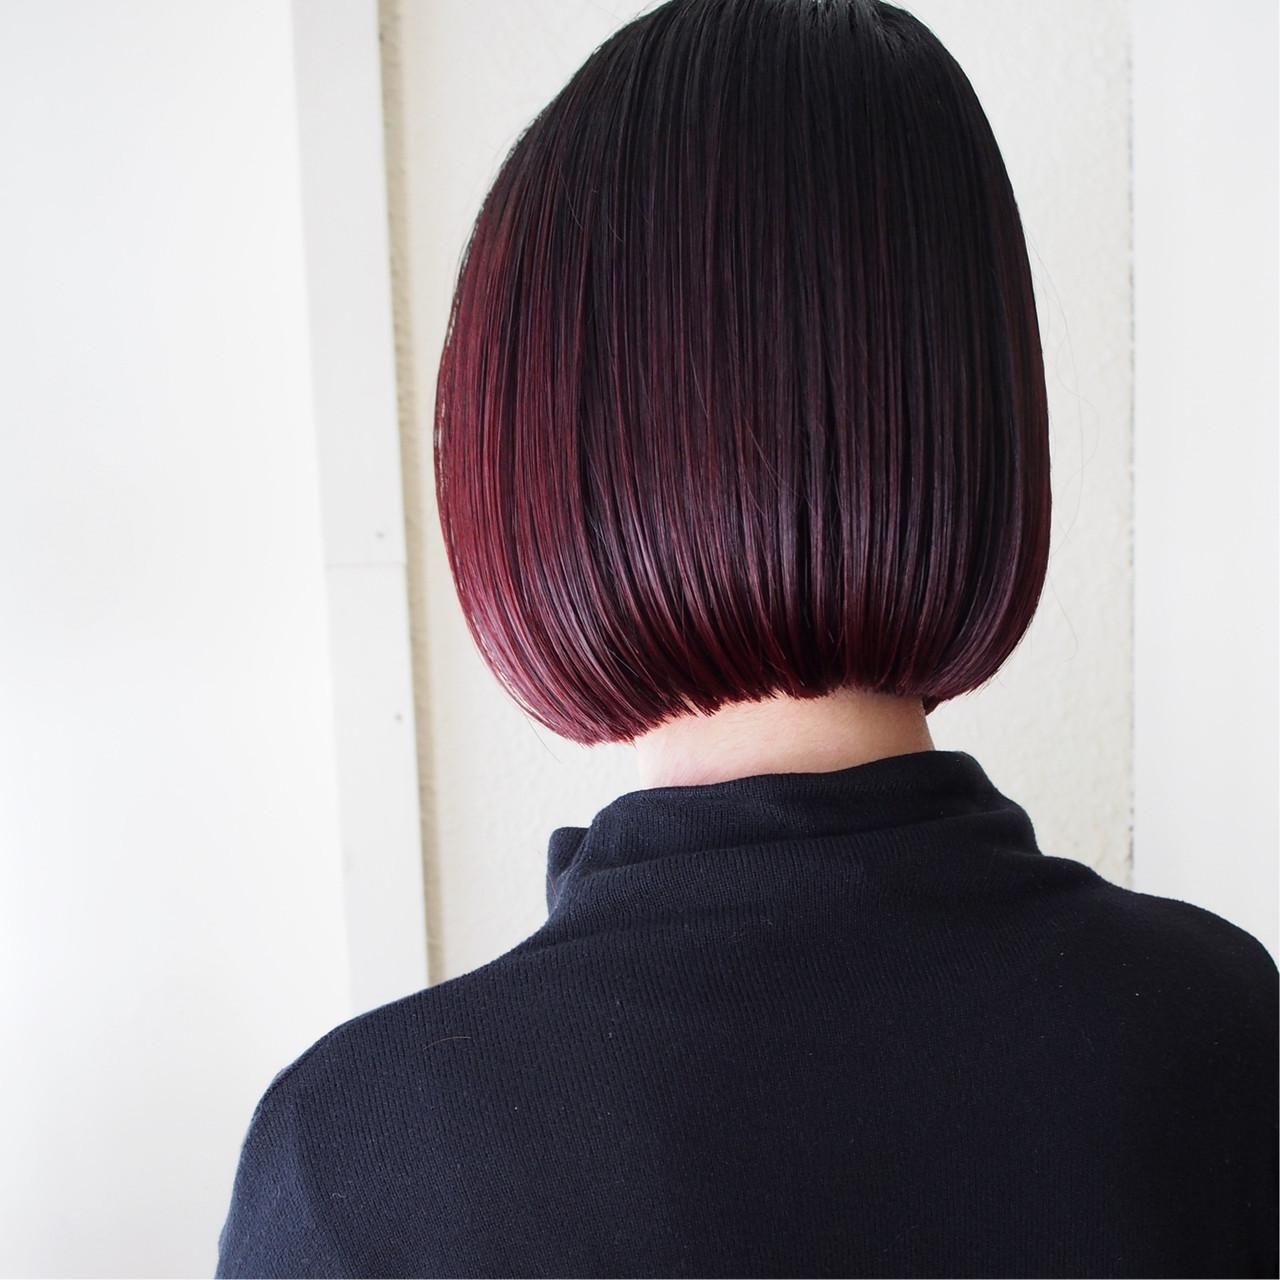 ボブ モード ミニボブ 色持ち ヘアスタイルや髪型の写真・画像